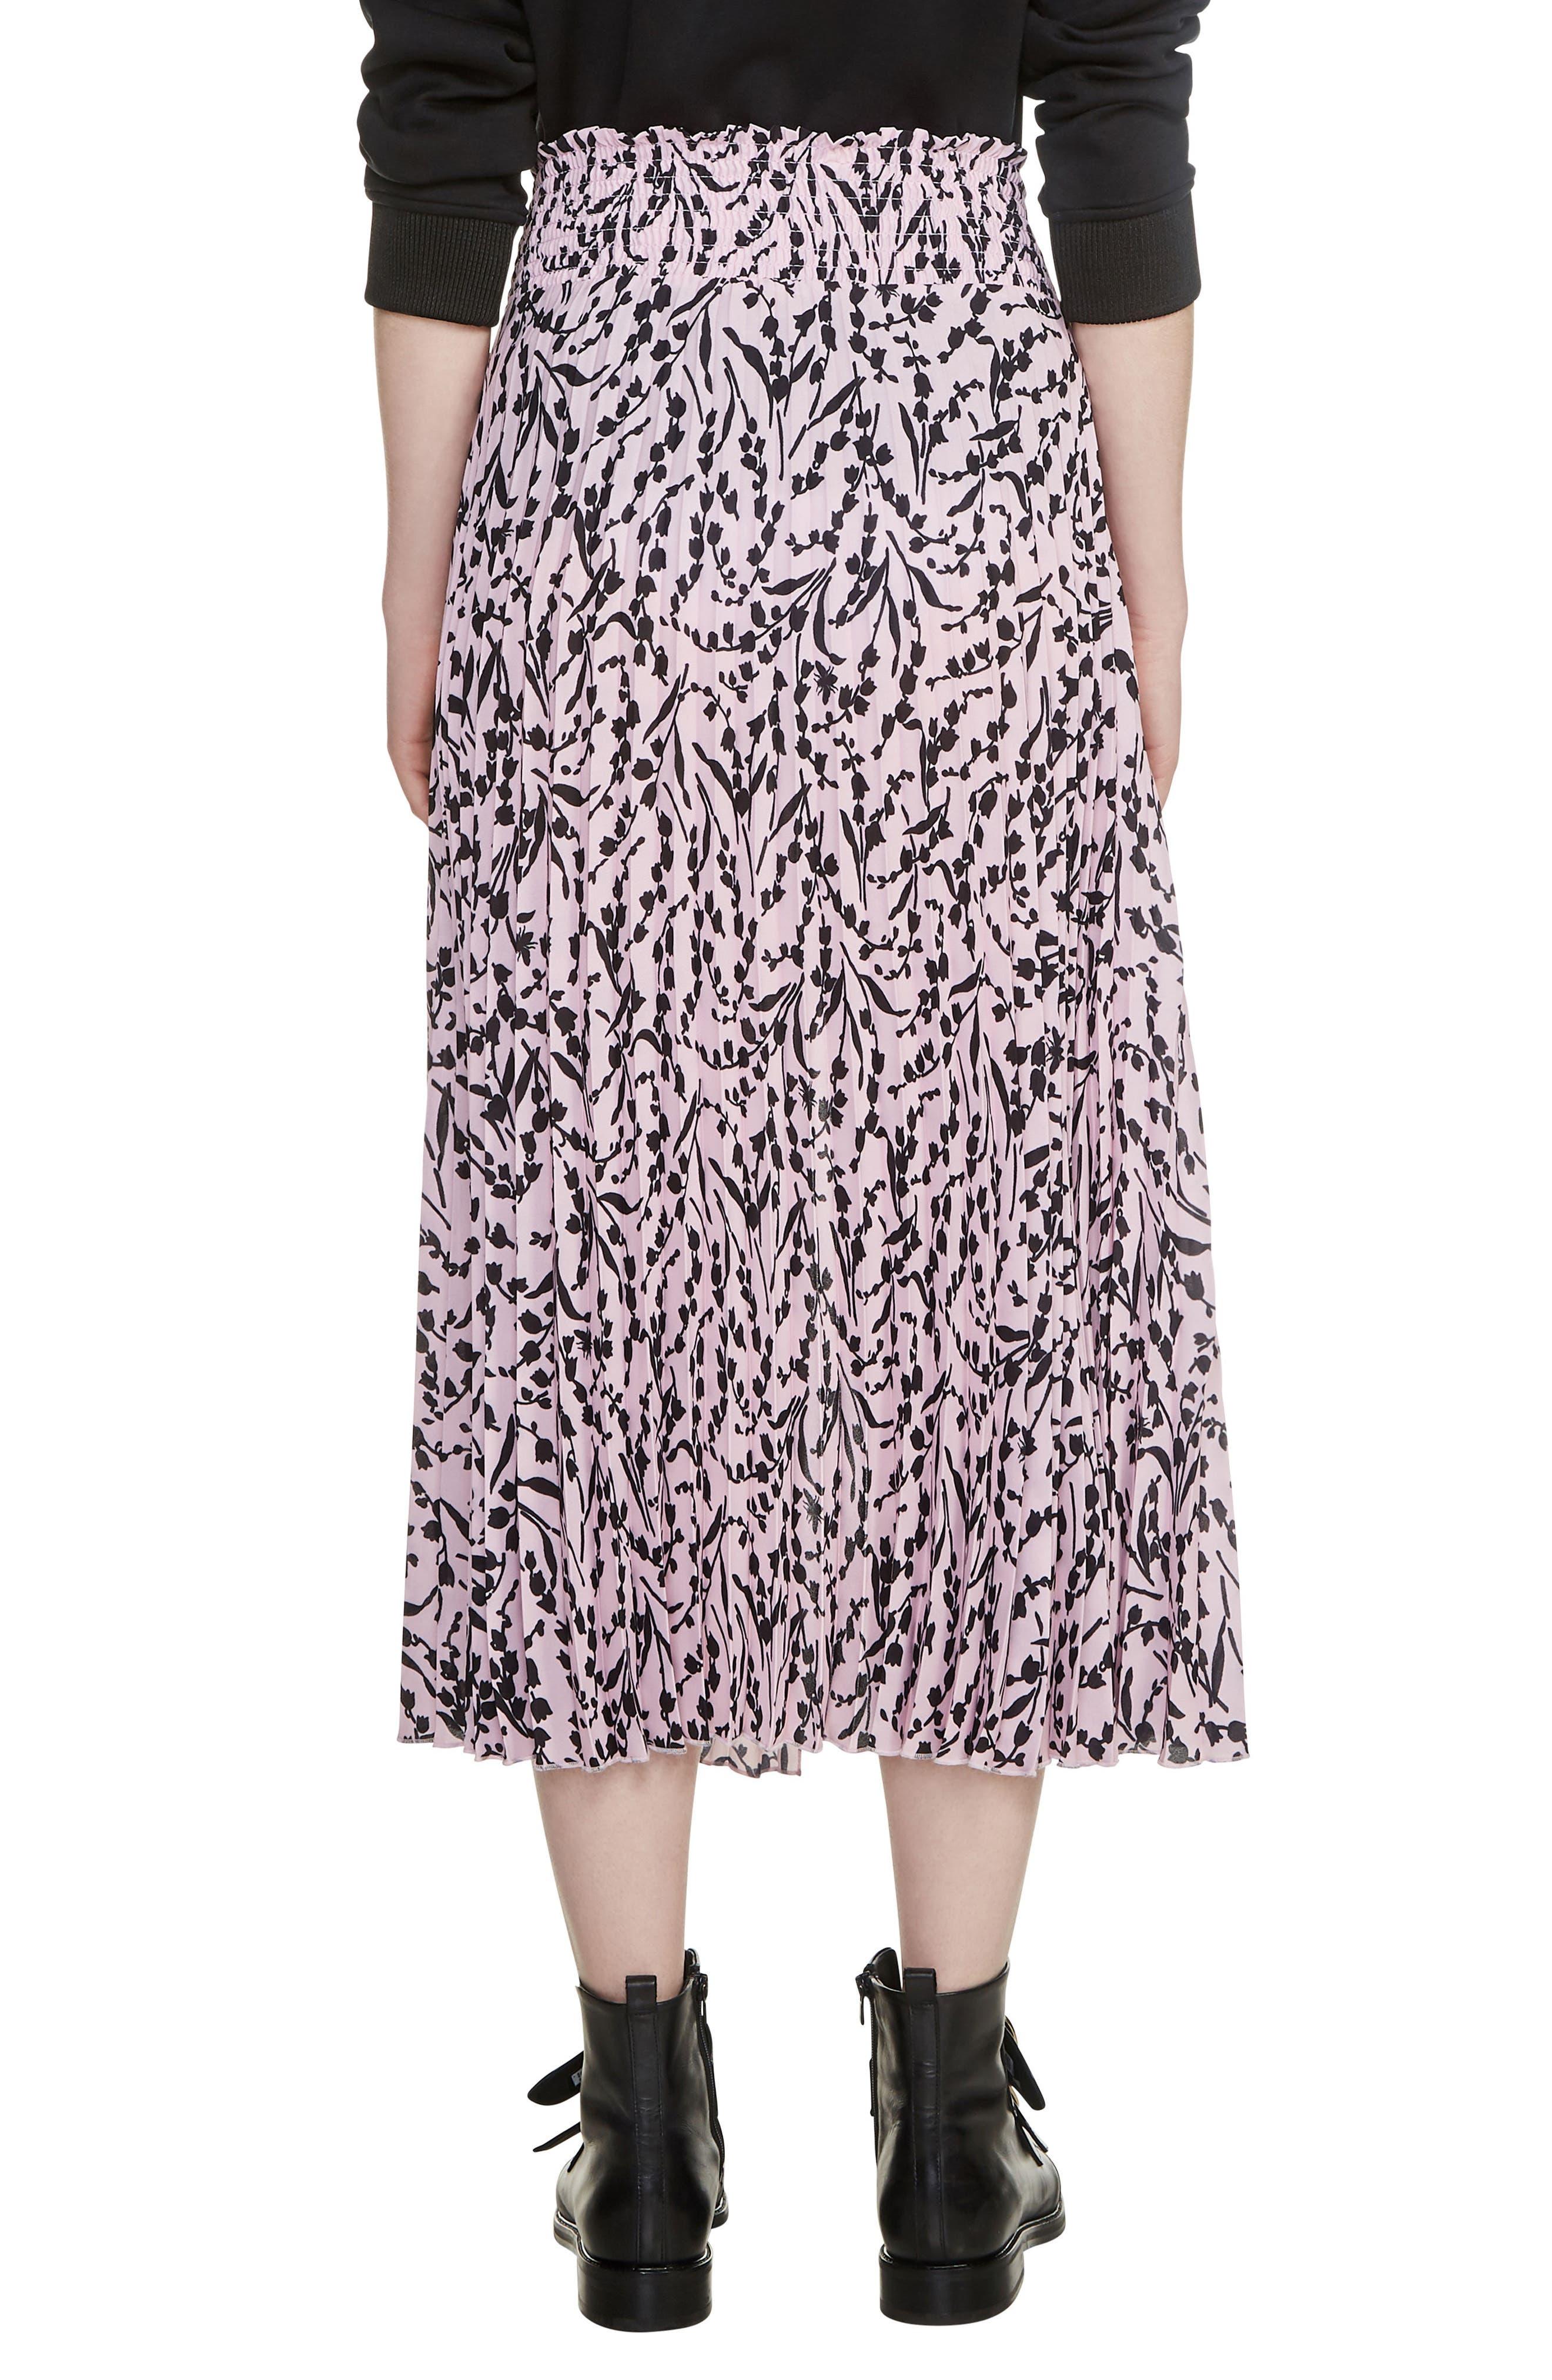 Javina Pleated Midi Skirt,                             Alternate thumbnail 2, color,                             Printed